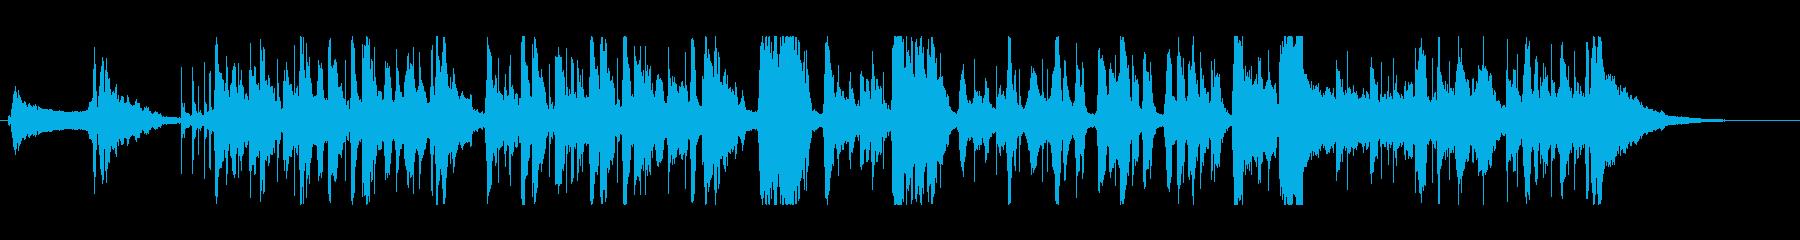 鶏そぼろをテーマにした楽曲の再生済みの波形